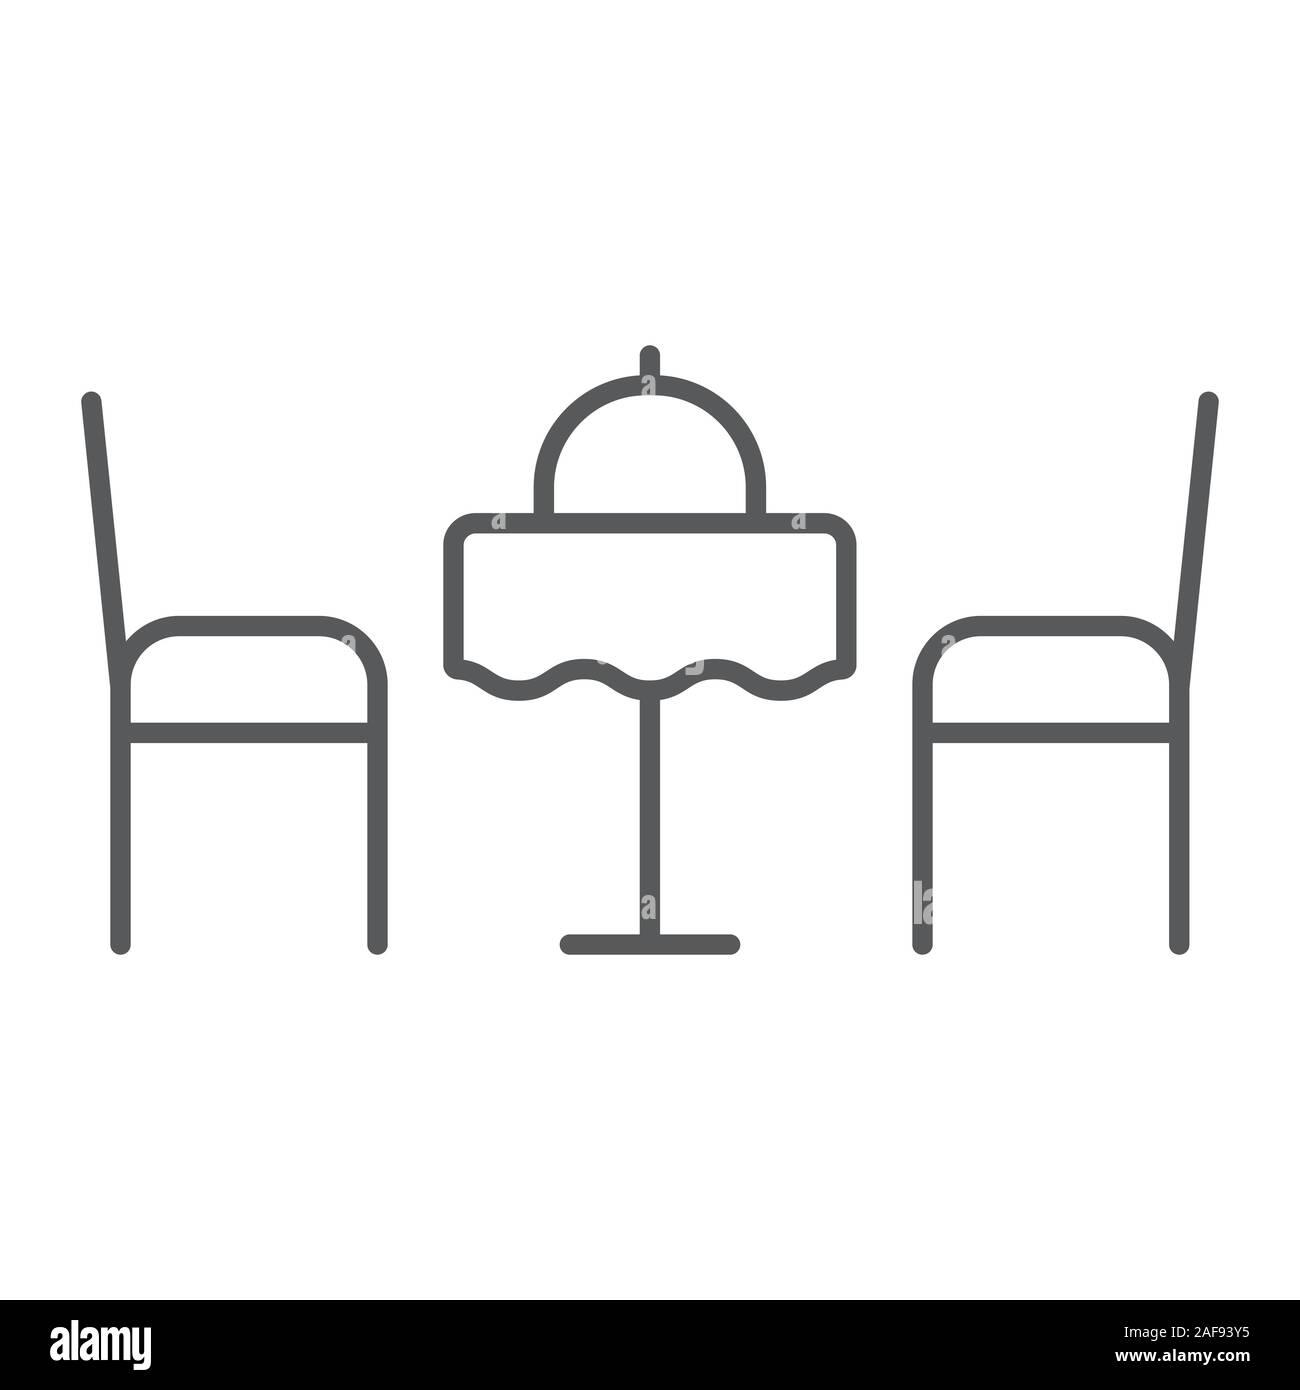 Cena romantica linea sottile icona, Valentino e vacanza, tavolo con sedie segno, grafica vettoriale, un modello lineare su uno sfondo bianco, eps 10. Illustrazione Vettoriale